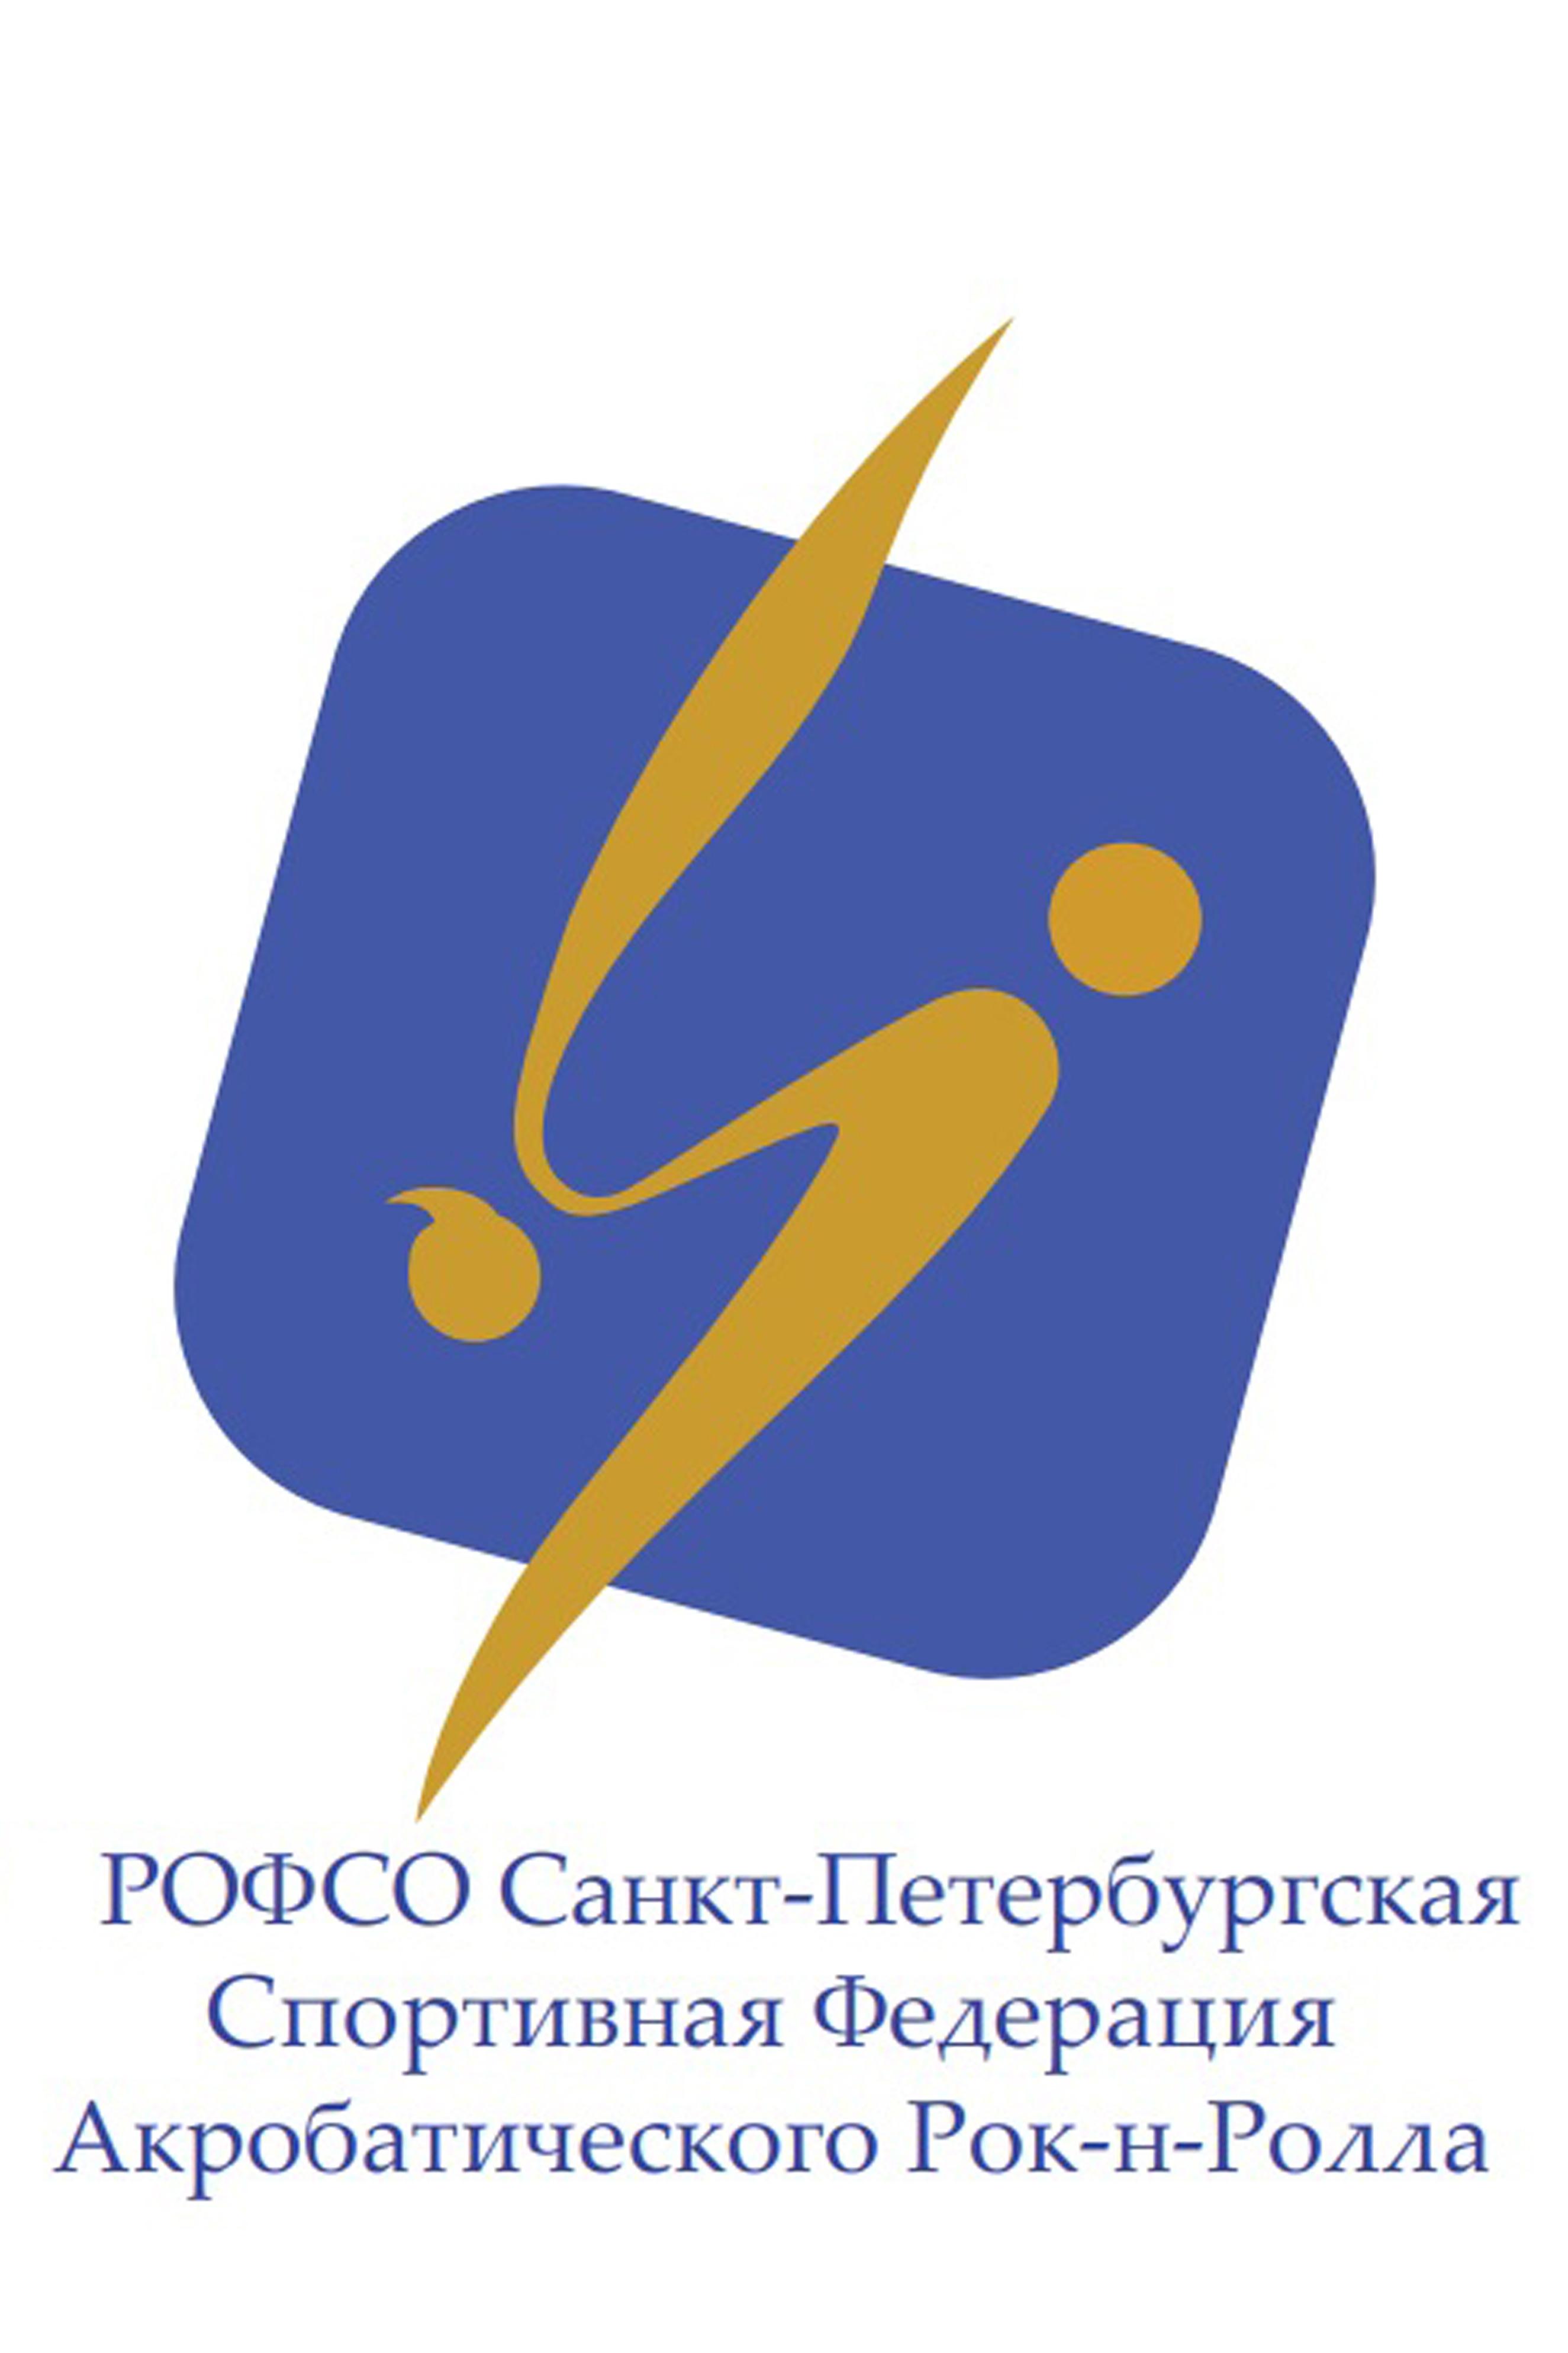 Руководителям клубов РОФСО «СПБ СФАРР»